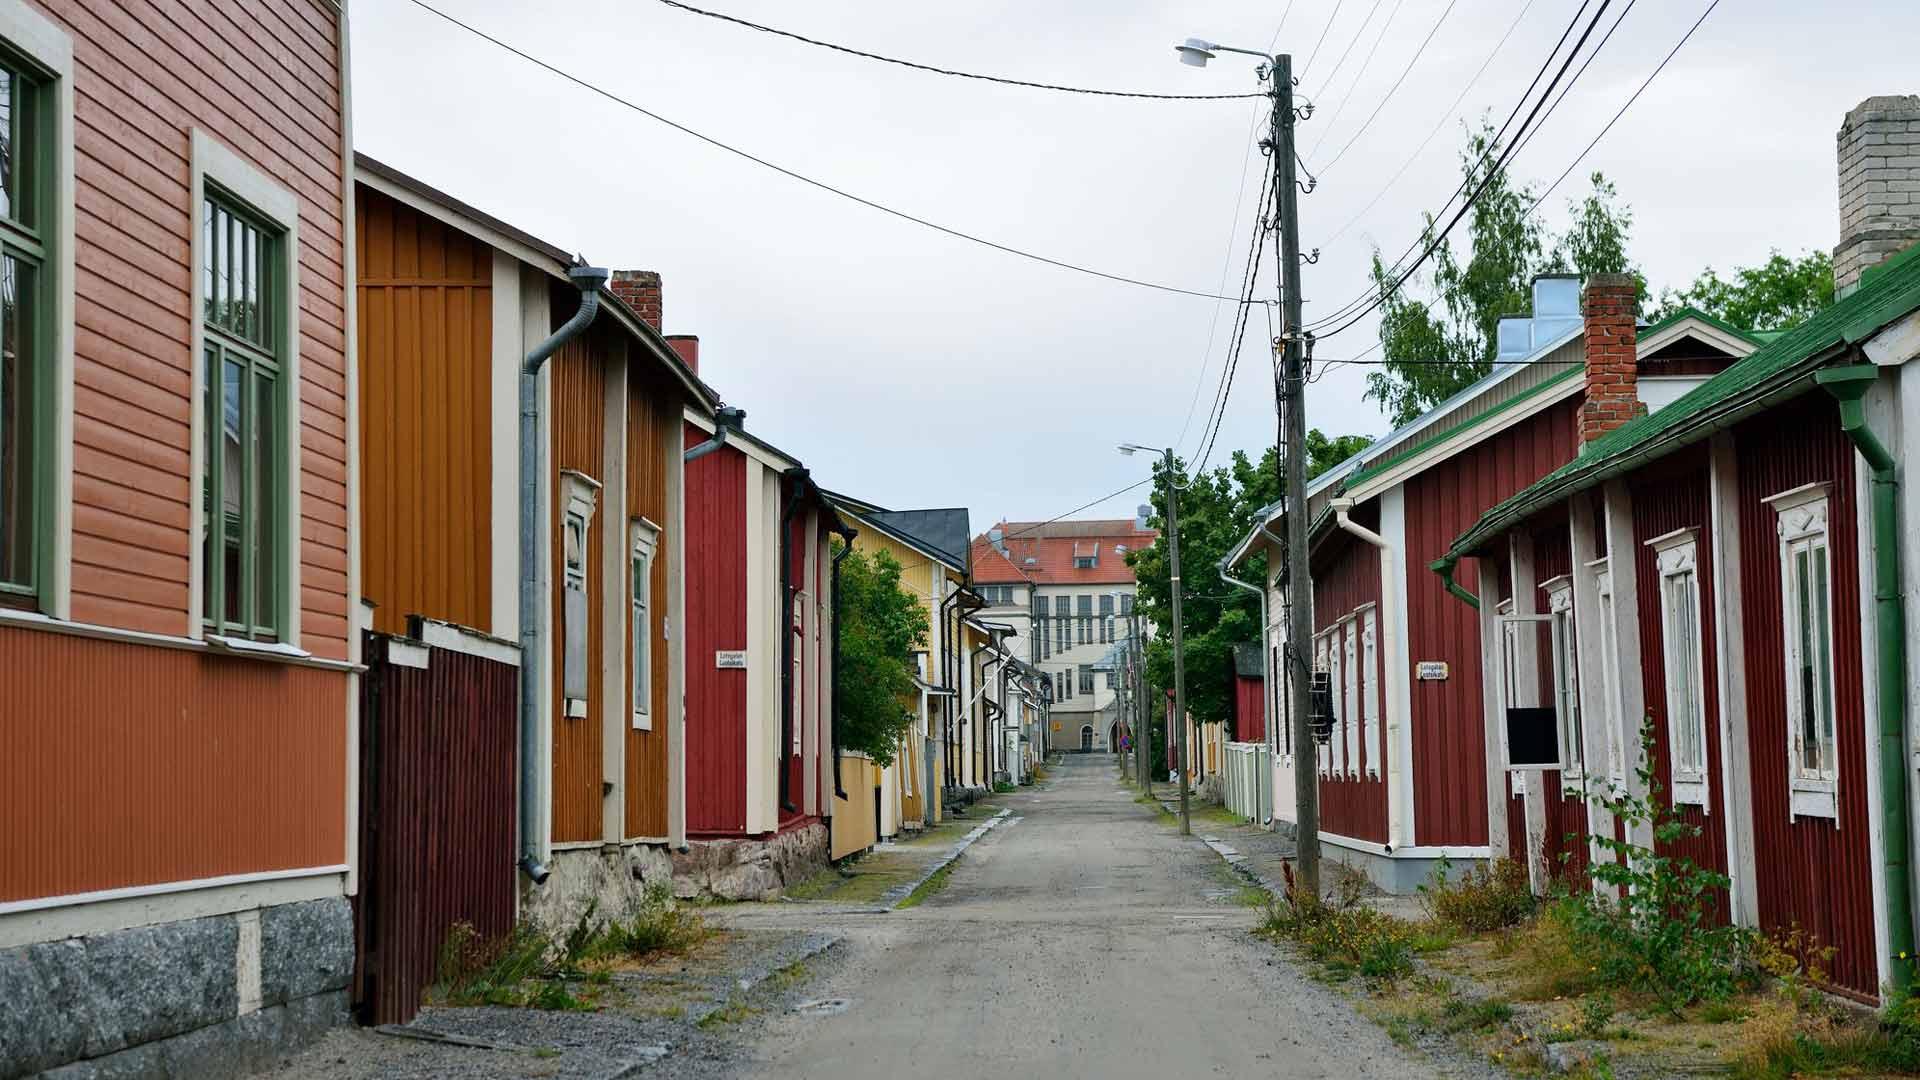 Skata on yksi Suomen parhaiten säilyneistä puutalokaupunginosista.